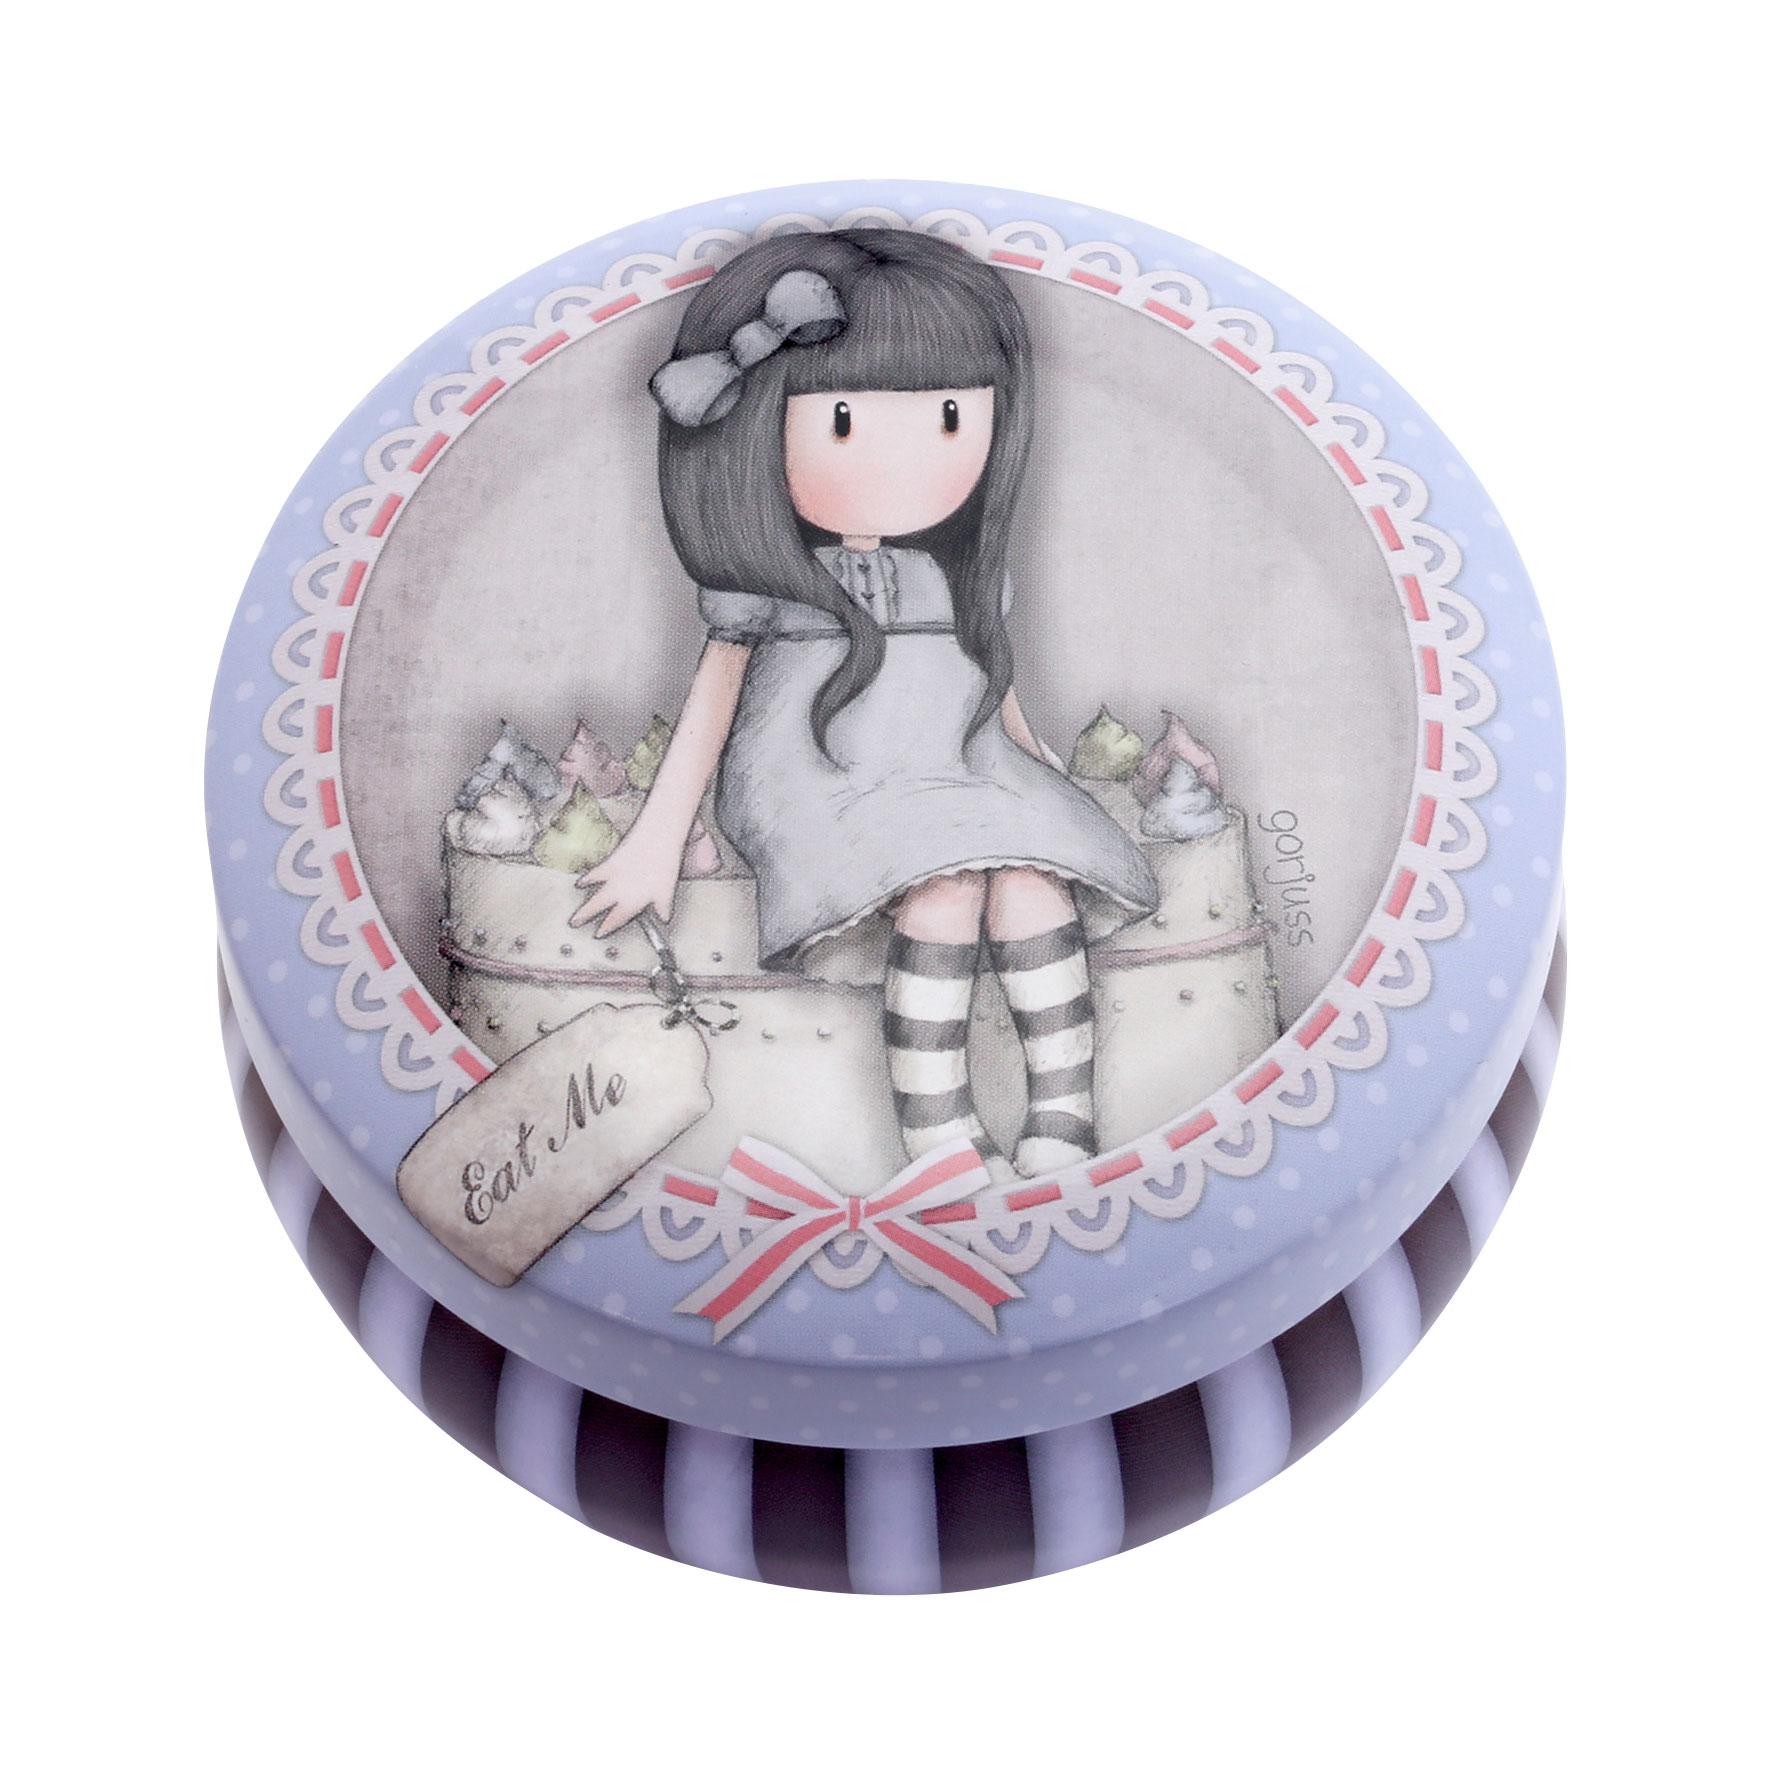 Santoro London - Kulatá Dekorativní krabička - Gorjuss - Sweet Cake